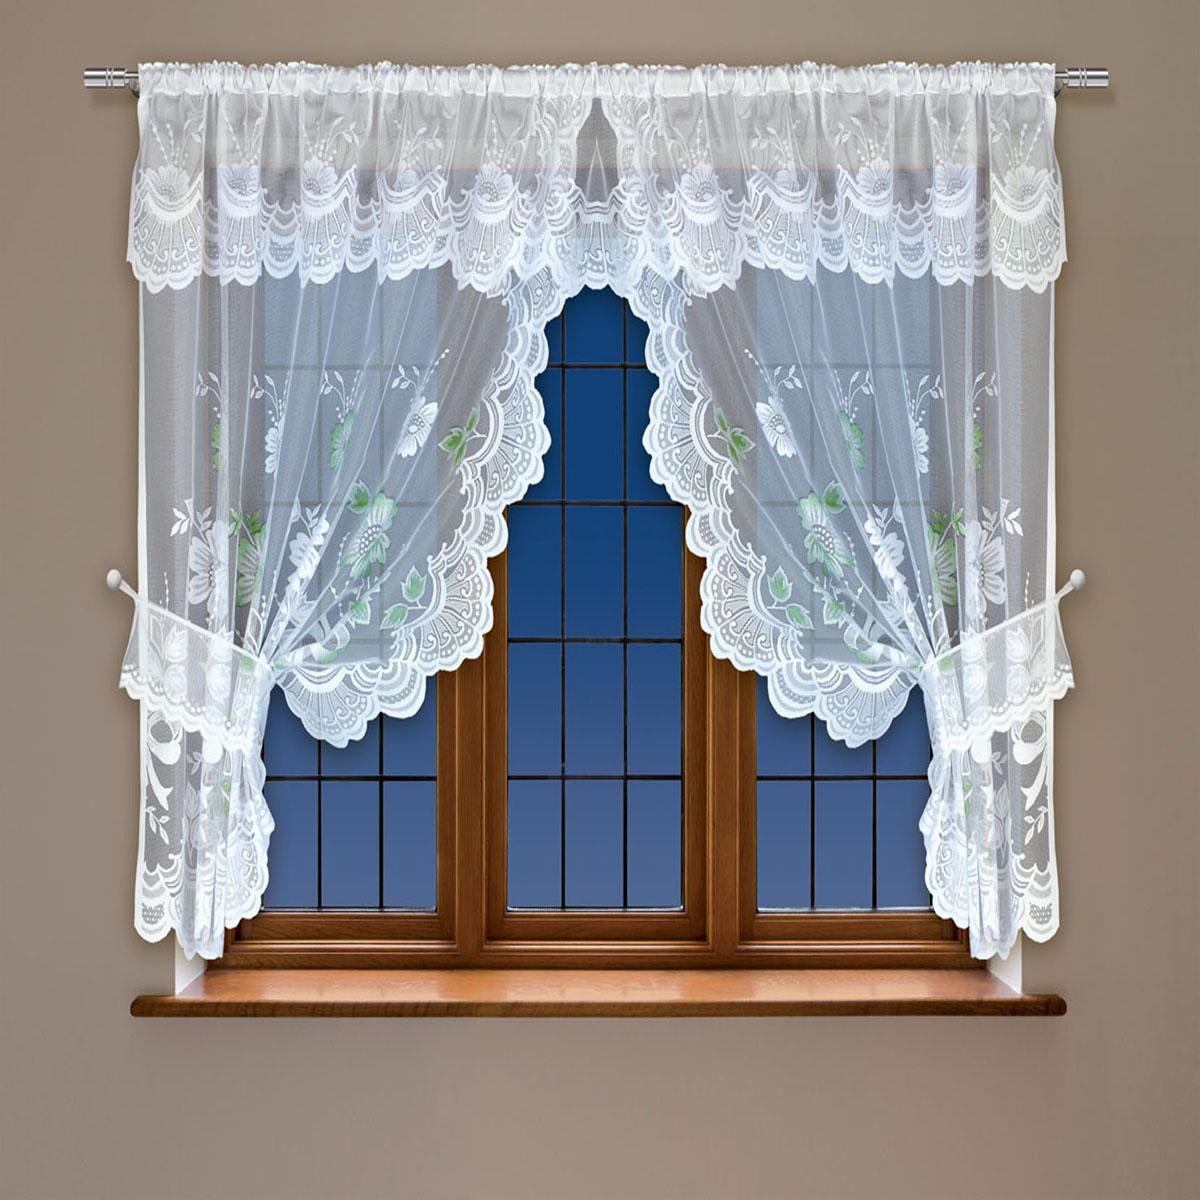 Гардина Haft, на кулиске, цвет: белый, высота 91 см. 202561202561/91 белыйВоздушная гардина Haft, выполненная из полиэстера, великолепно украсит любое окно. Изделие имеет оригинальный дизайн и органично впишется в интерьер помещения. Гардина крепится на карниз при помощи кулиски.